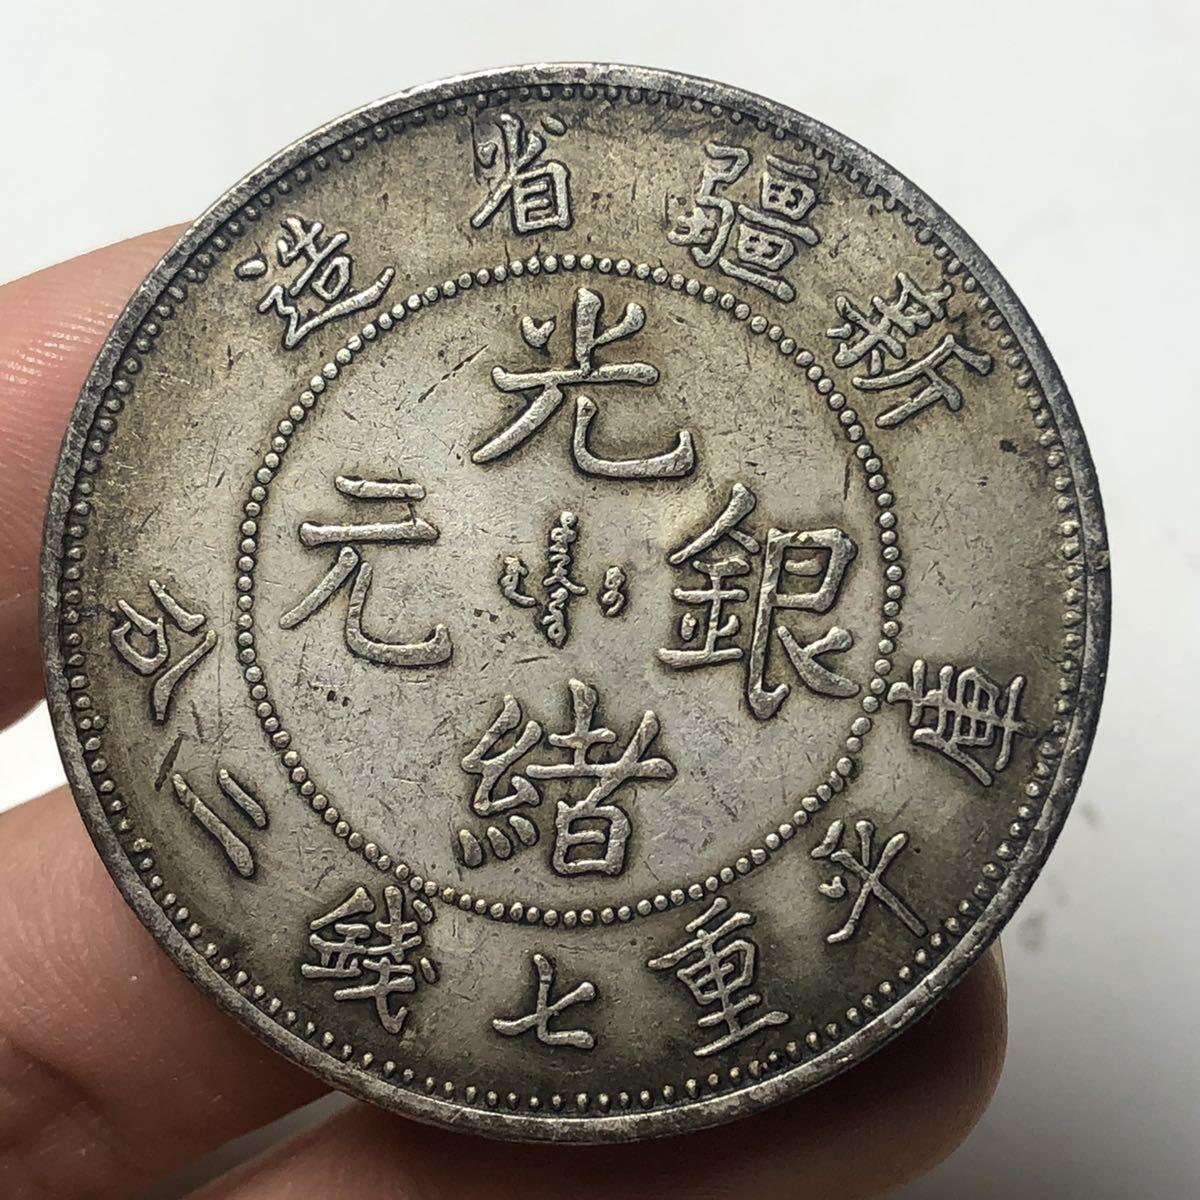 中国古銭 新疆省造 光緒元寶 庫平重七錢二分 40mm 26.63g S-2690